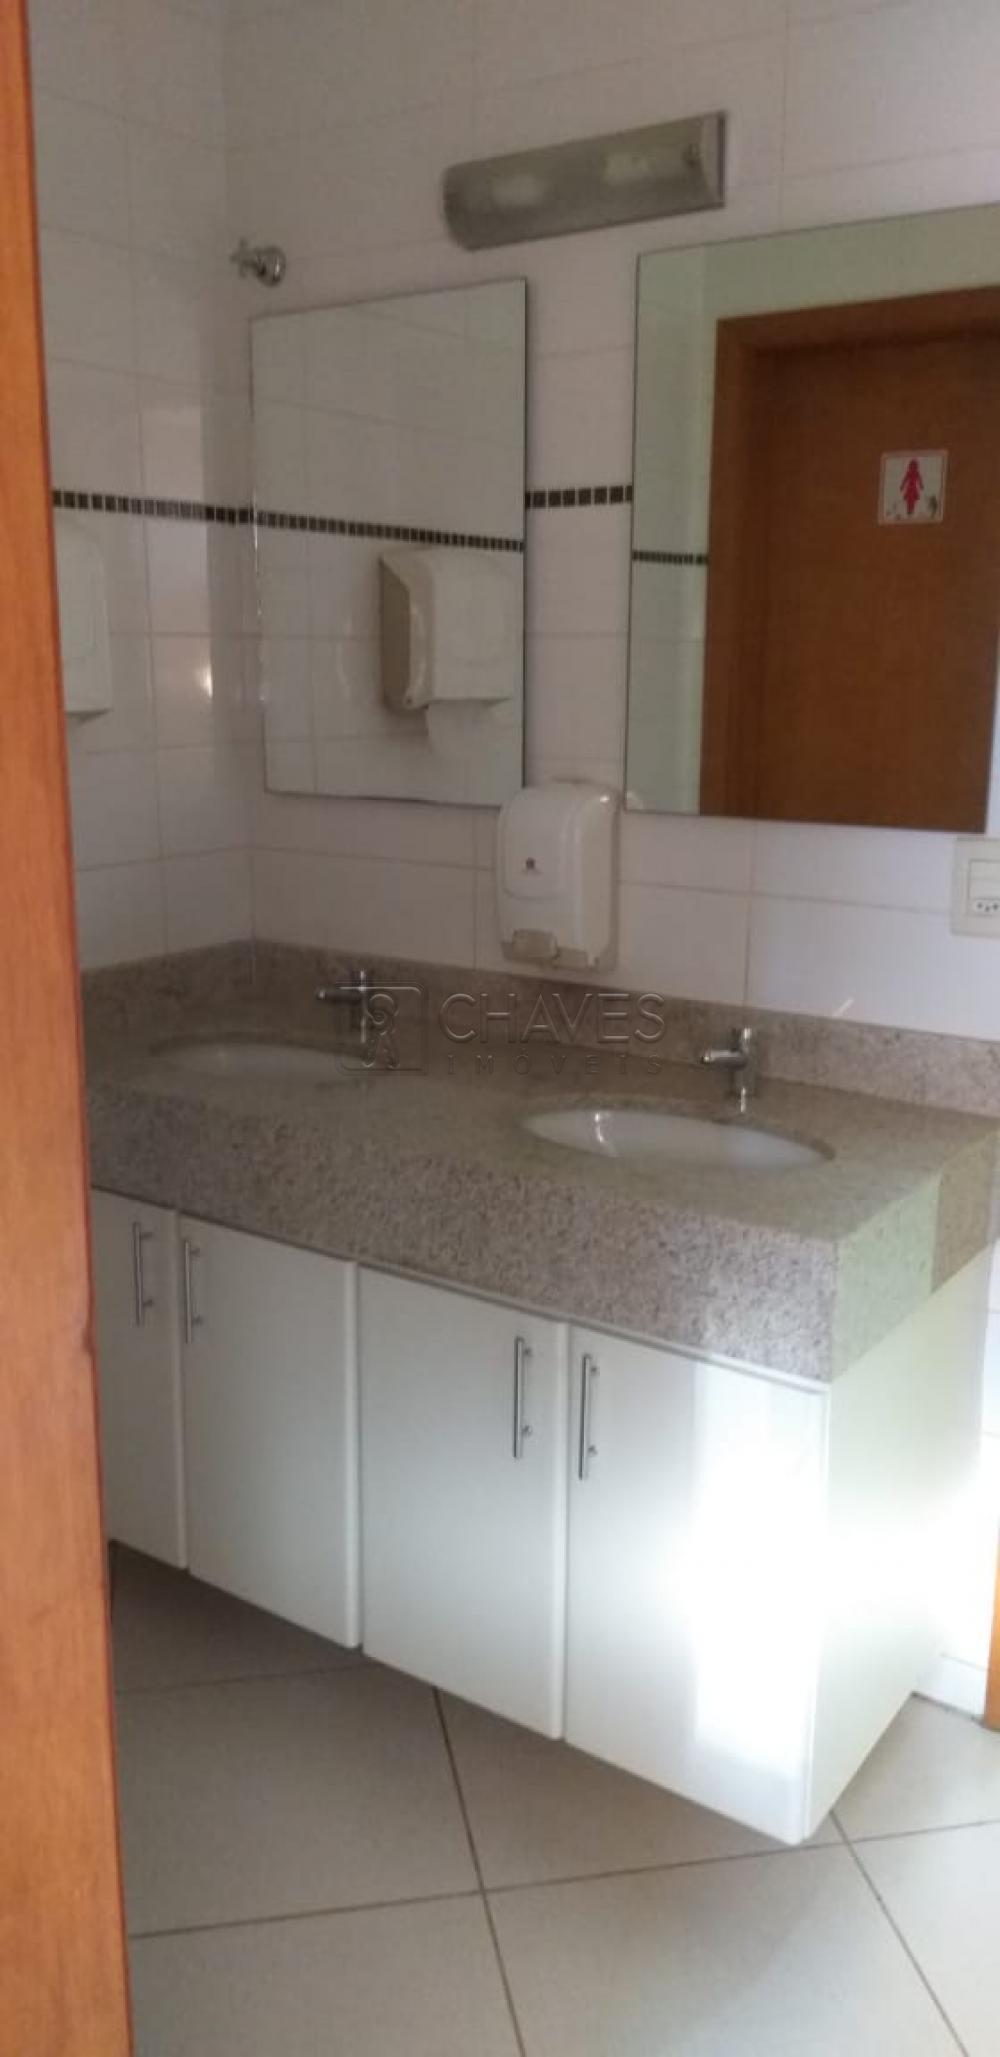 Alugar Comercial / Prédio em Ribeirão Preto apenas R$ 5.000,00 - Foto 11